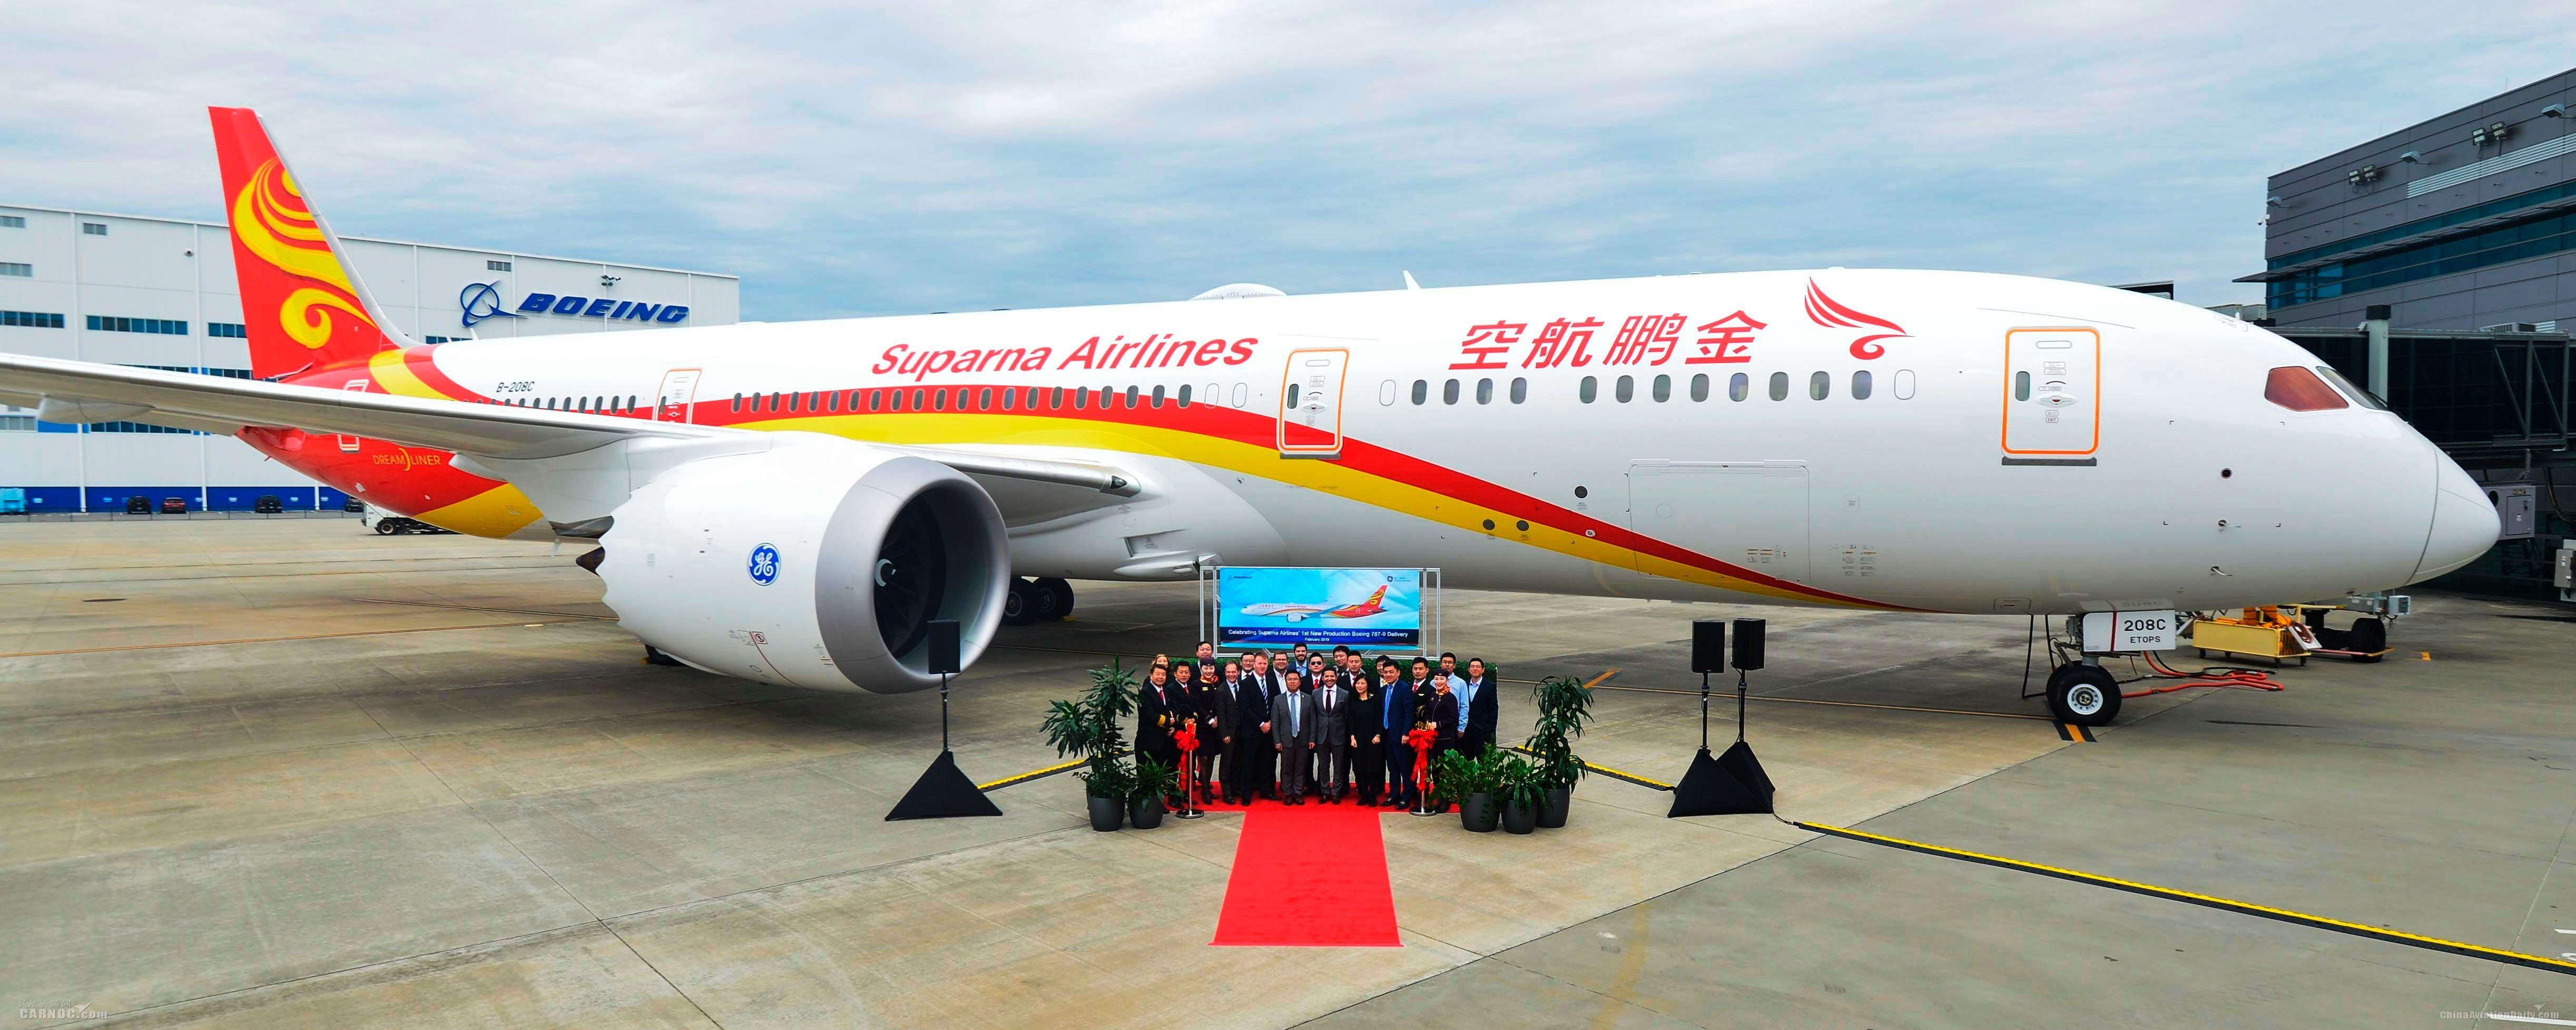 波音、金鹏航空共同庆祝787-9梦想飞机交付